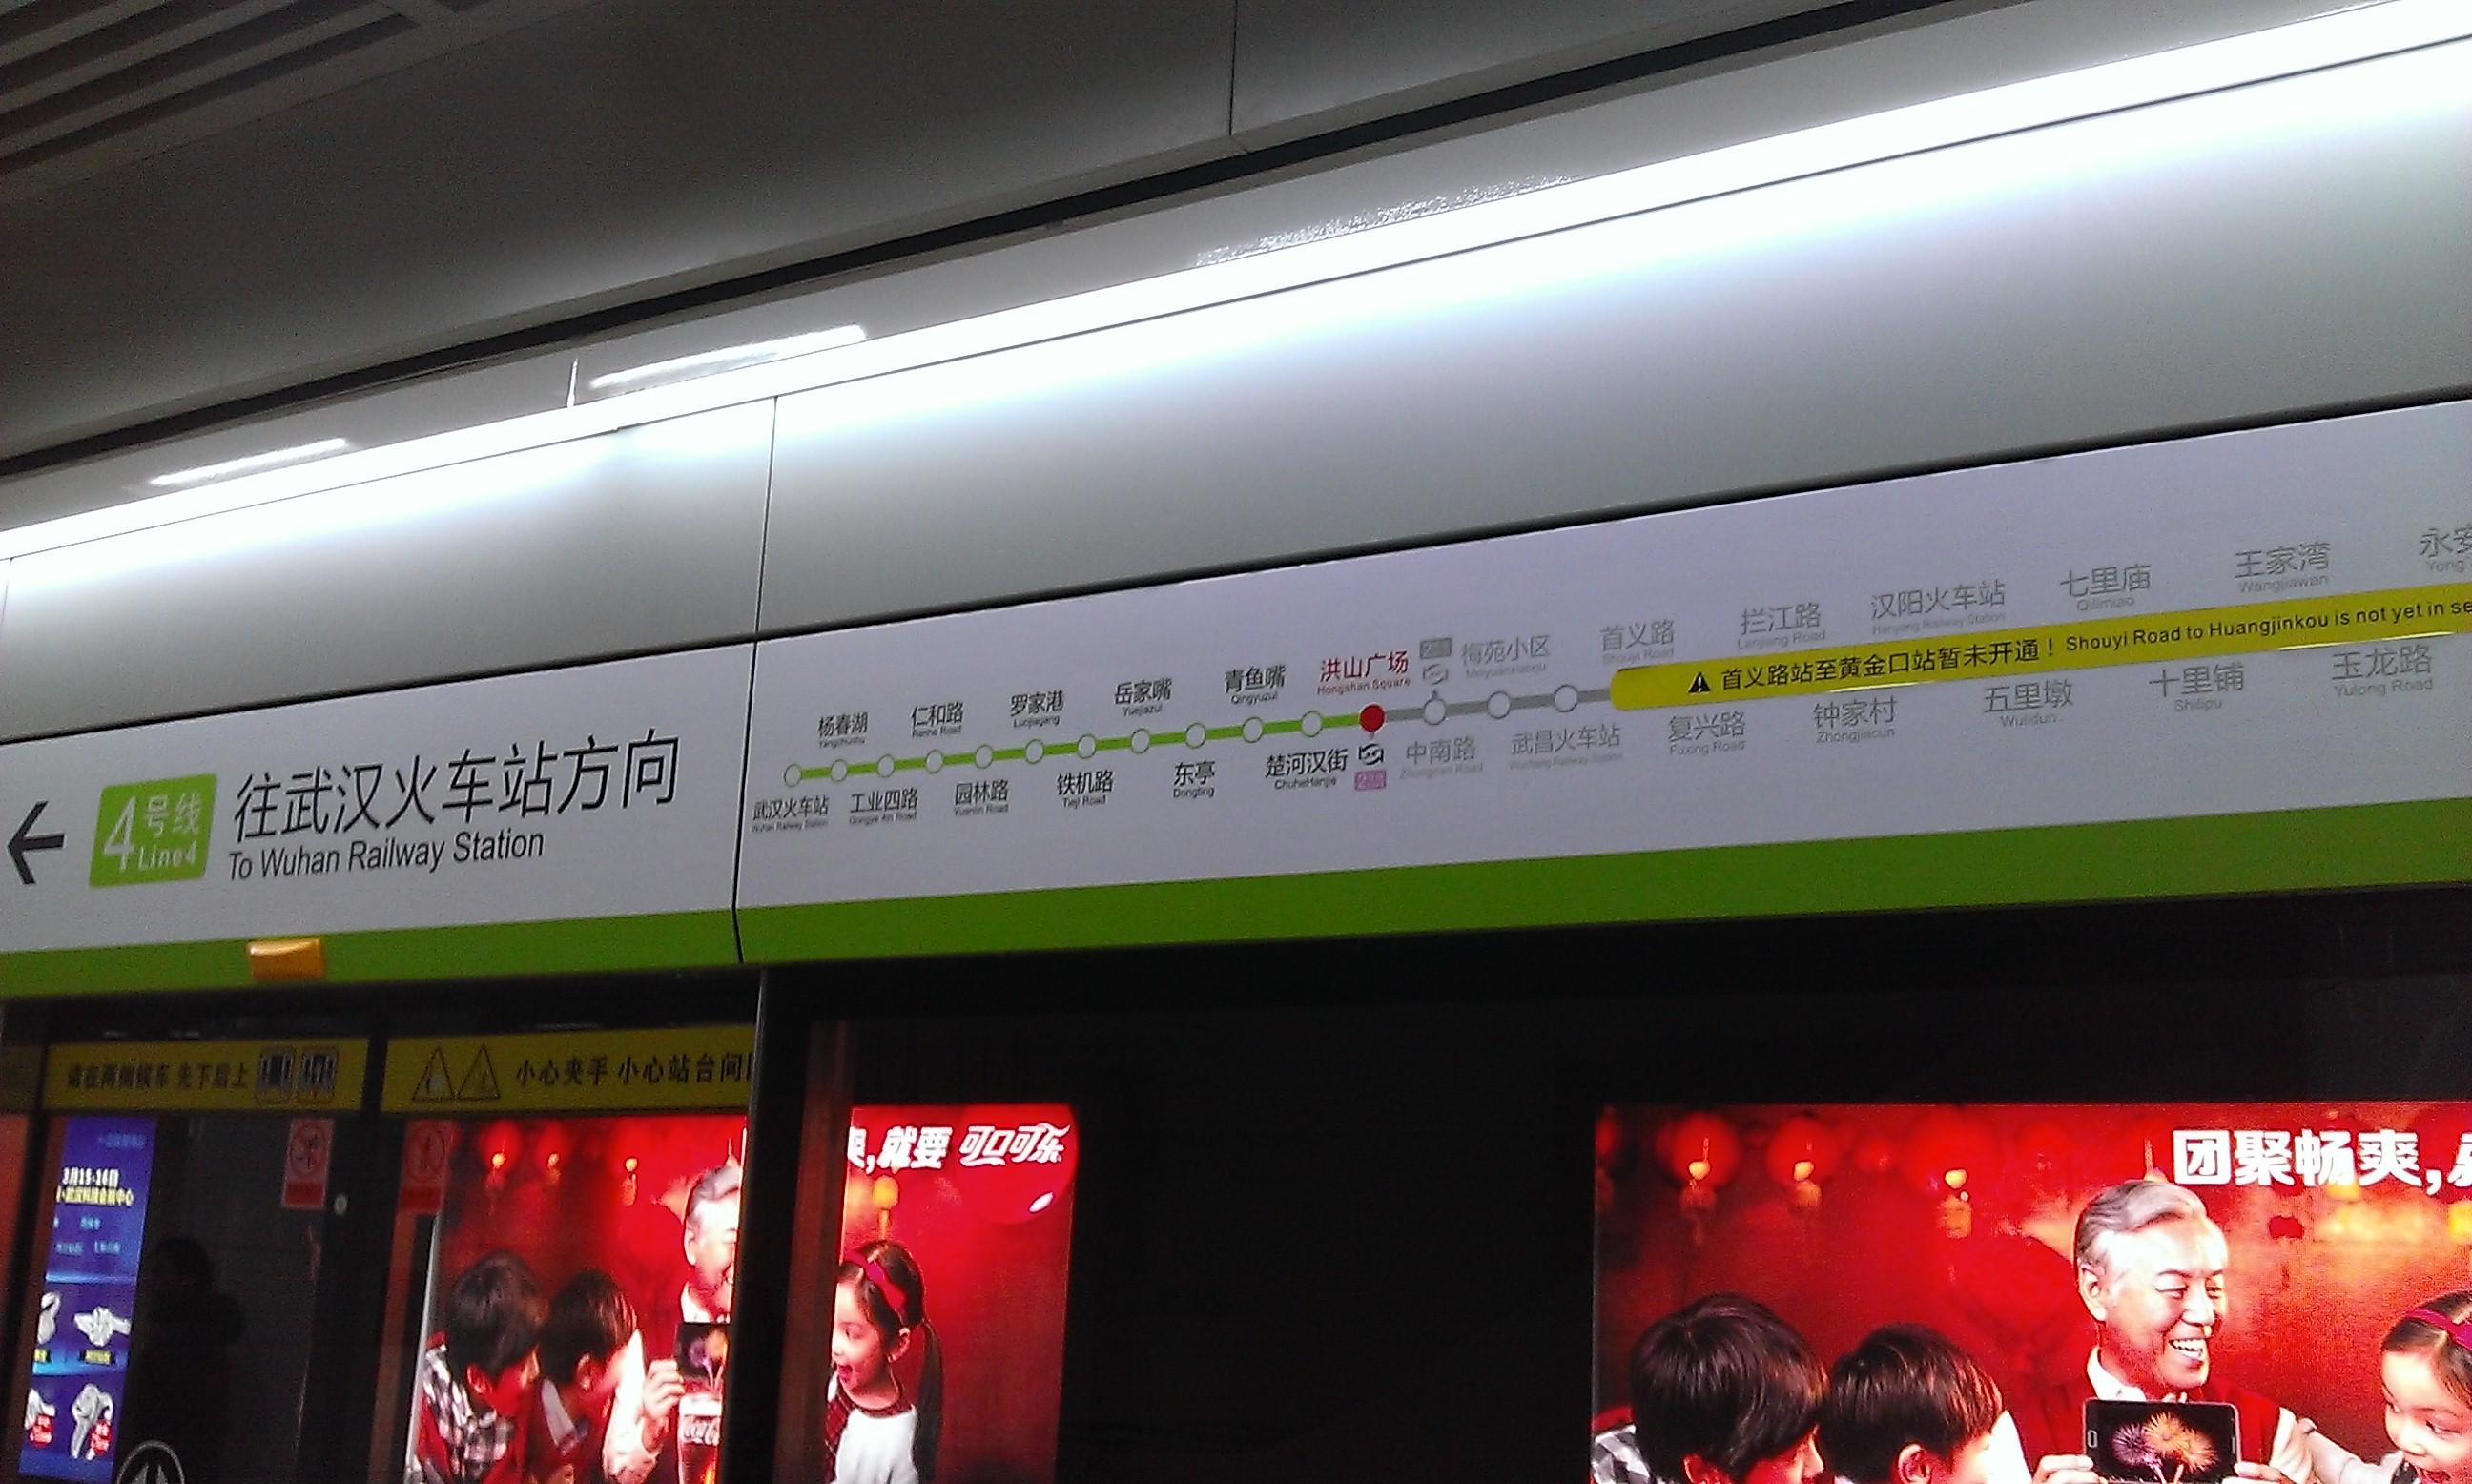 A decemberben átadott 4-es metróvonal Wuhanban. Érinti Wuchang állomást, a legnagyobb örömömre.